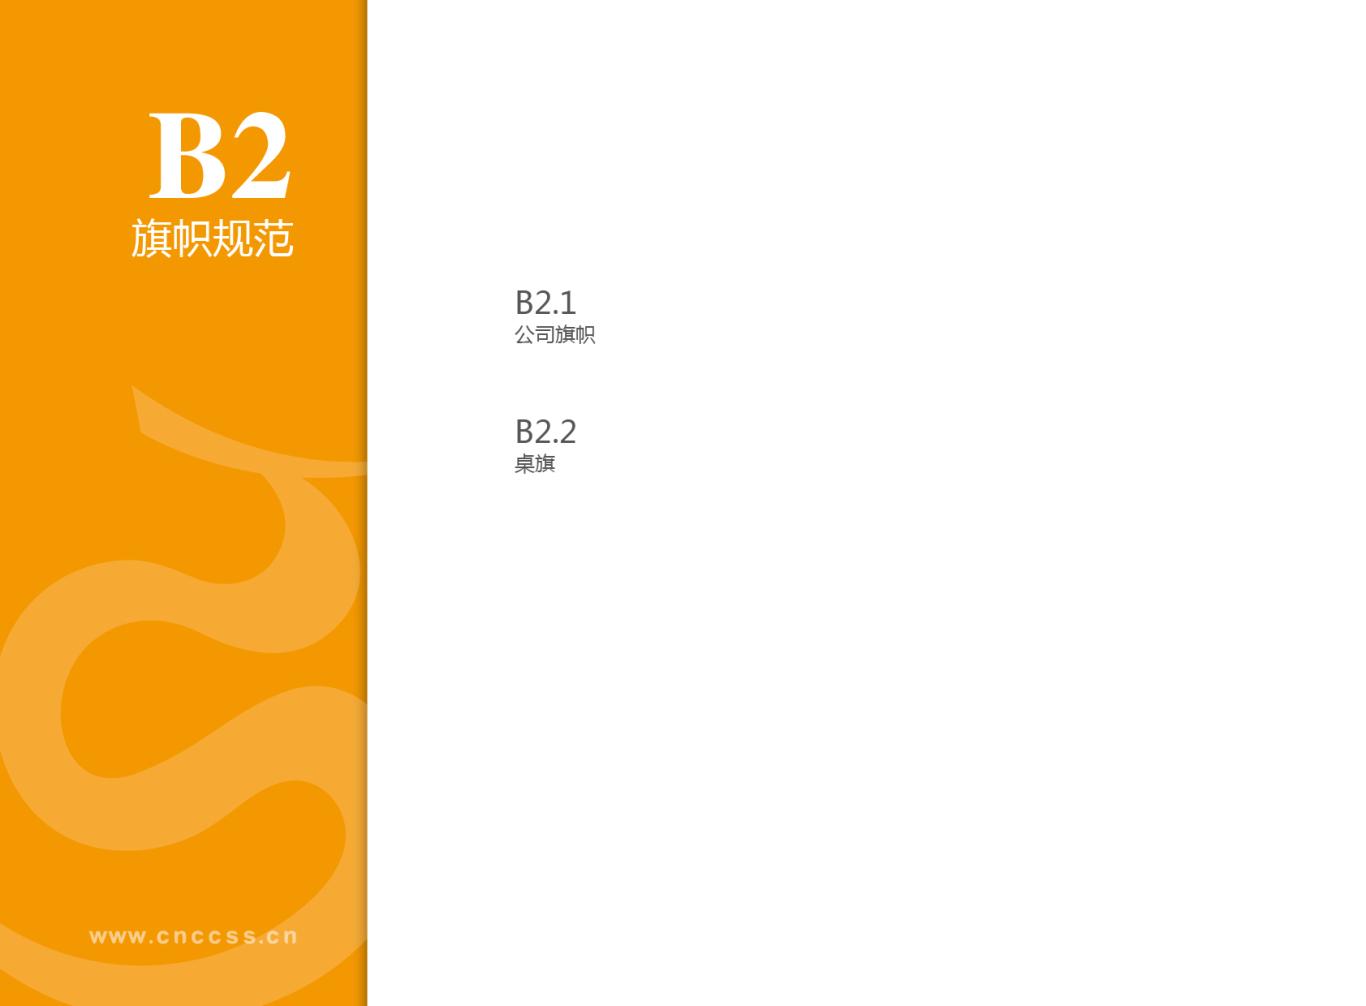 华唐教育集团 VI图42